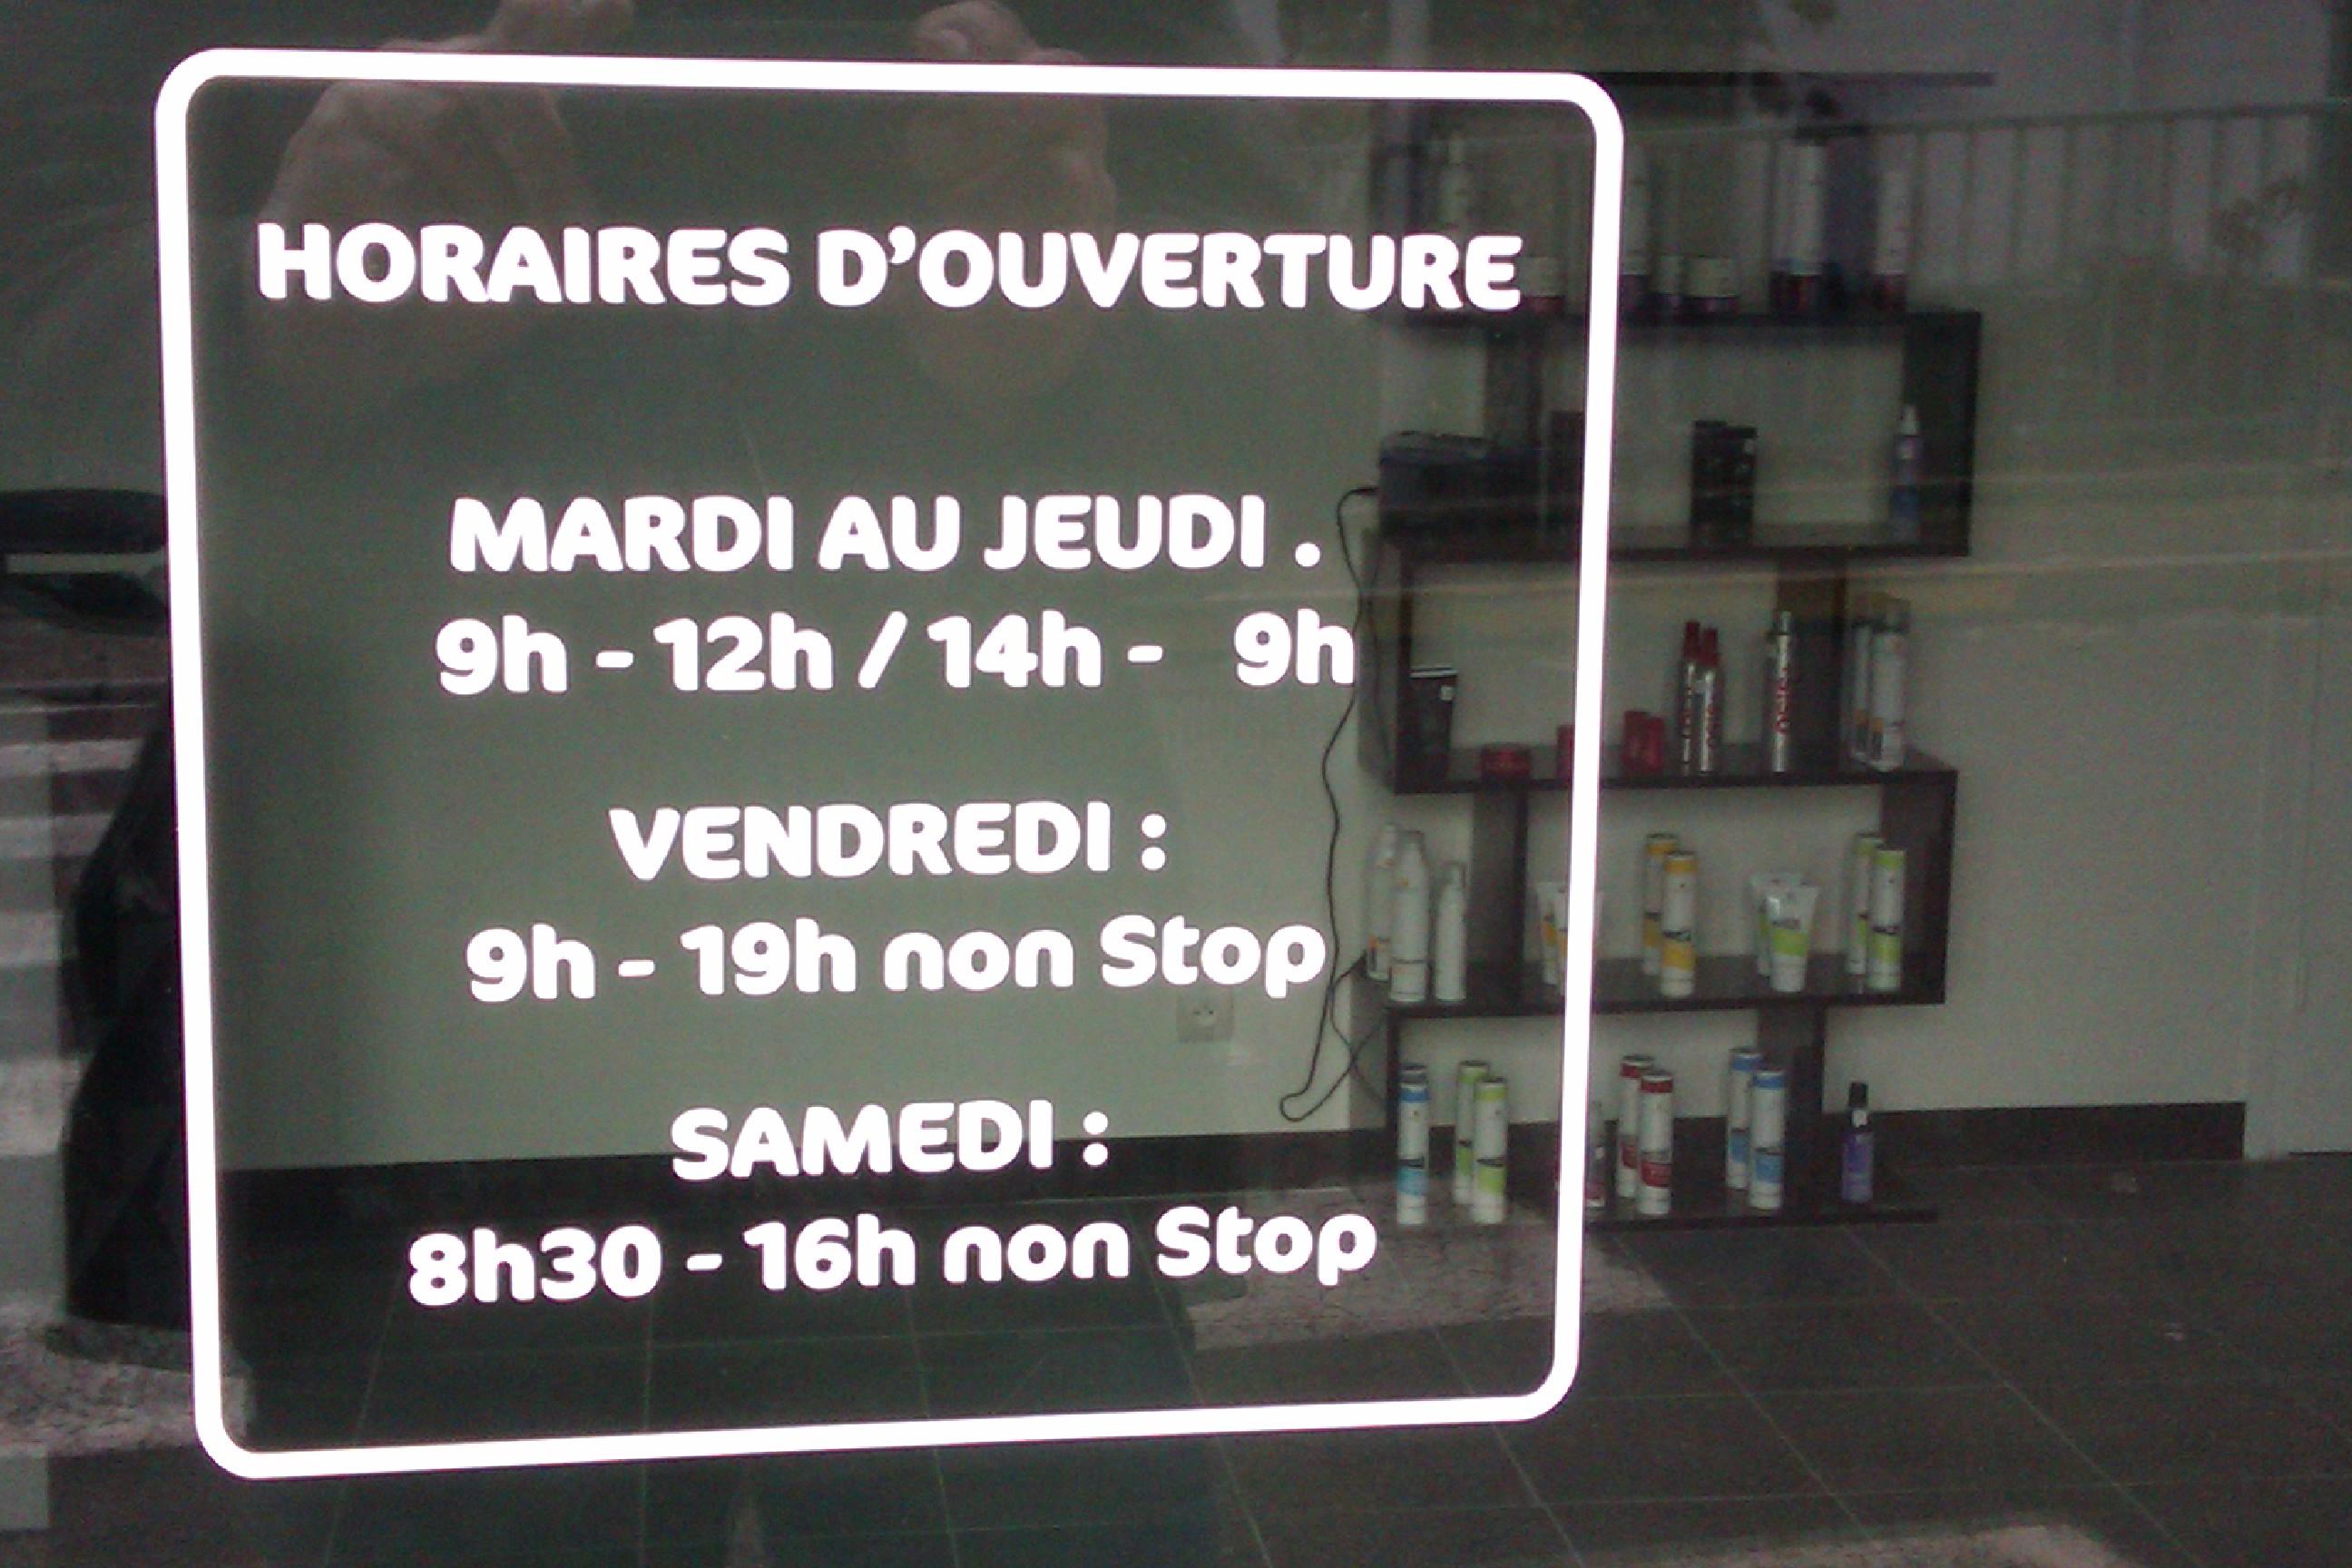 salon de coiffure C dans lhair  Valsonne  Vivre  Valsonne